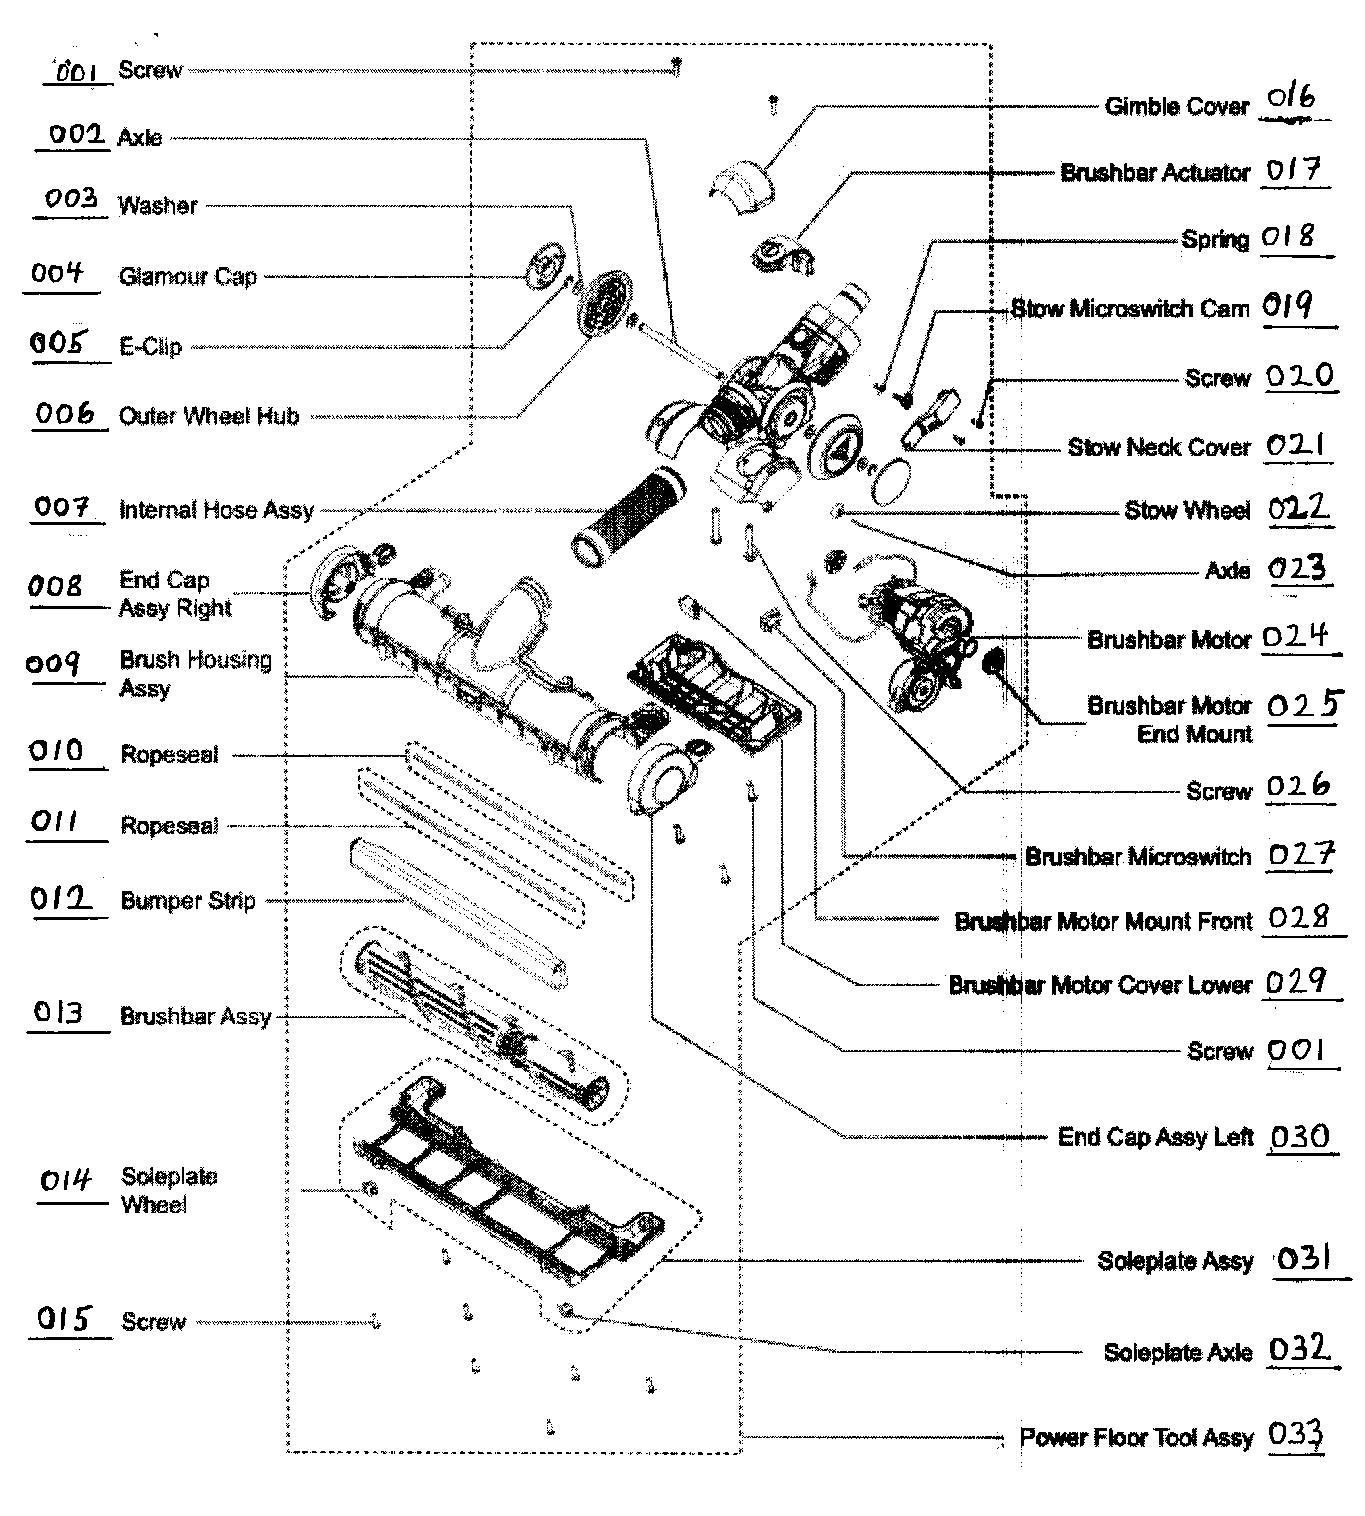 DYSON DC21 MANUAL PDF